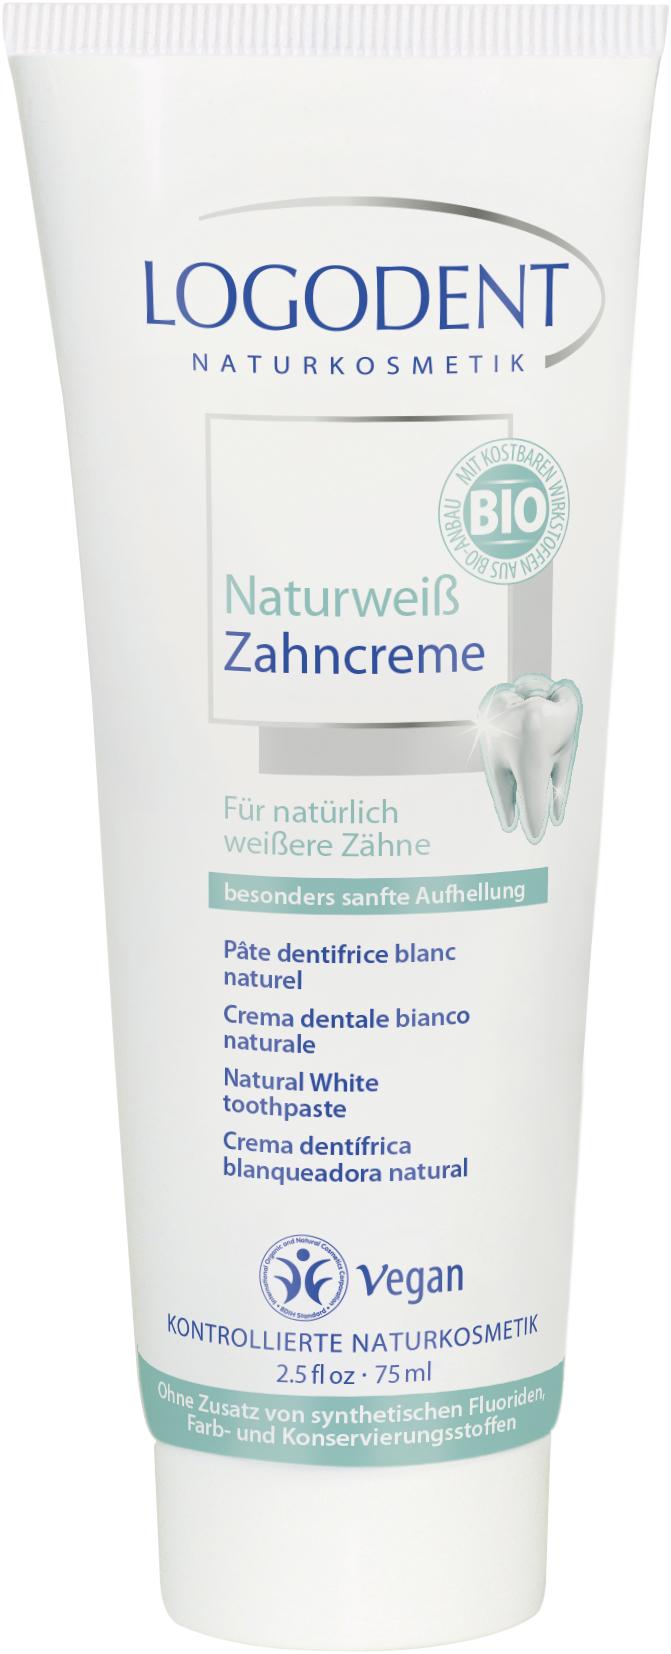 Logodent зубная паста «Натуральное отбеливание» 75 млSC-FM20104Обеспечивает экстра-нежное и естественное отбеливание зубов. Мягкие абразивные частички кремния осторожно удаляют зубной налет в труднодоступных местах, не повреждая полирует зубную эмаль, делает поверхность зубов идеально гладкой, что гарантирует сохранение белизны надолго. Натуральный экстракт шалфея предотвращает кровоточивость десен и обеспечивает противовоспалительный эффект. Чистое масло мяты перечной придает приятный освежающий вкус.